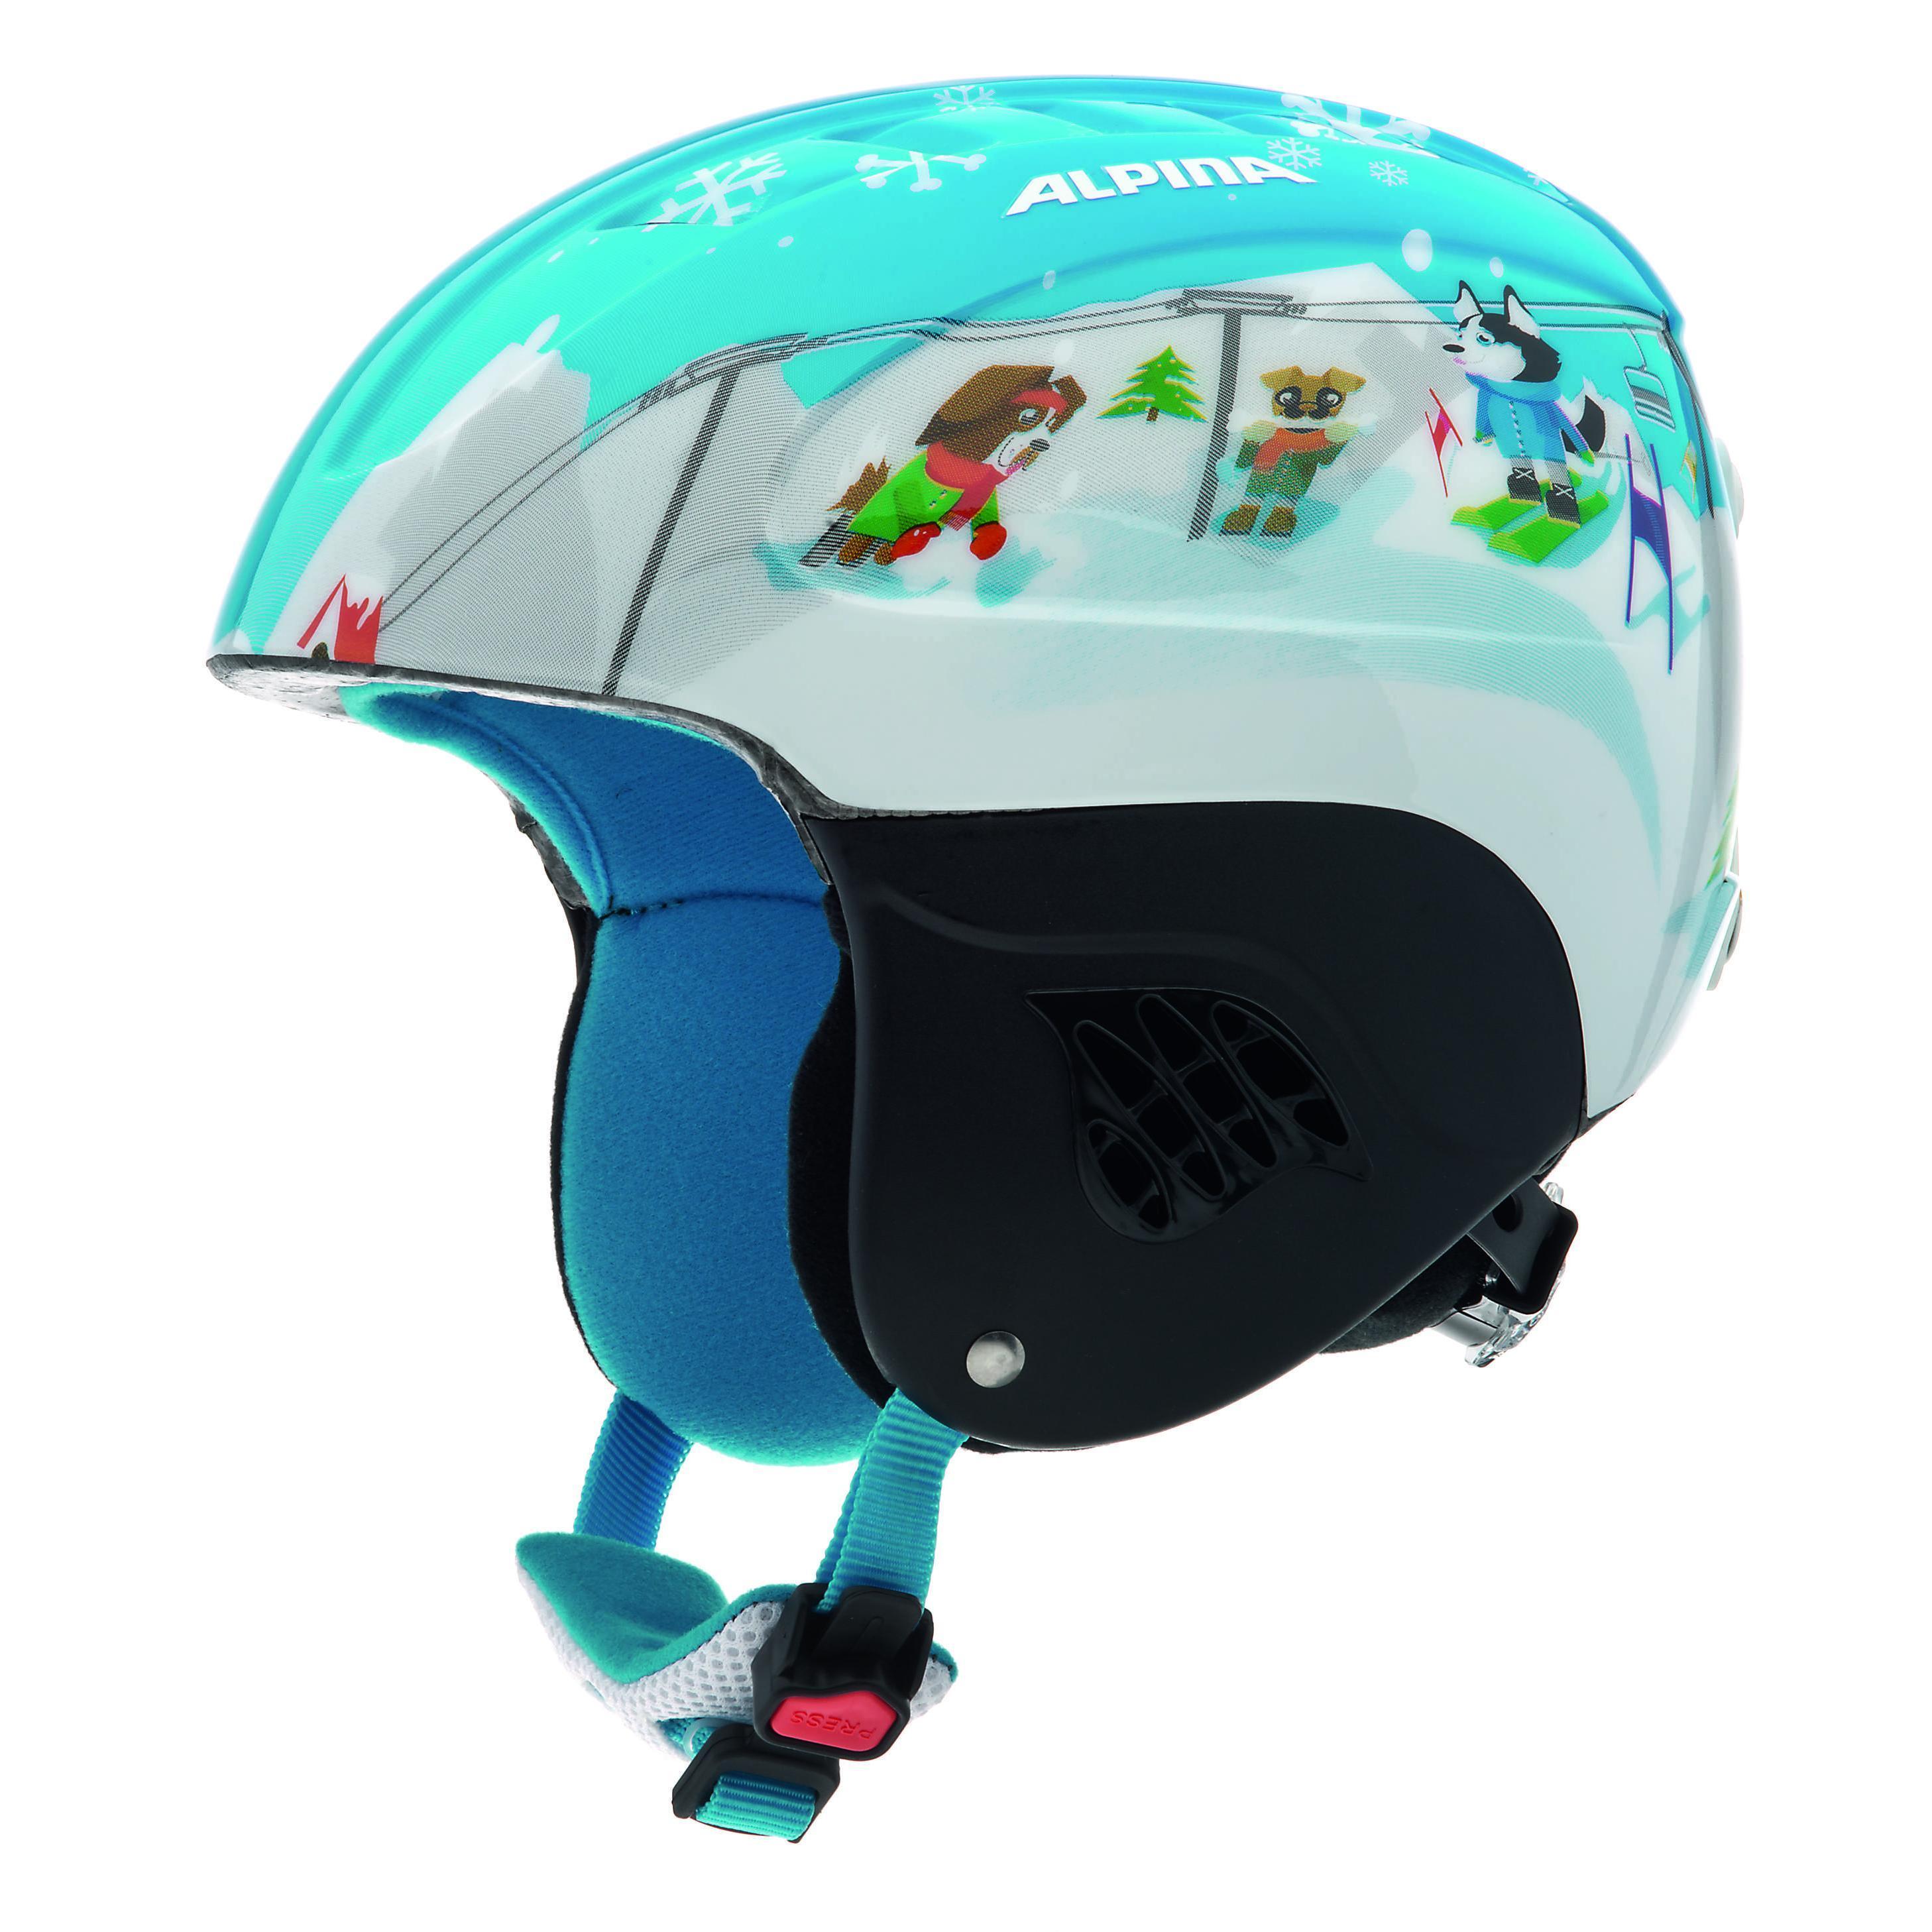 Зимний Шлем Alpina CARAT, Шлемы для горных лыж/сноубордов, 1131329  - купить со скидкой